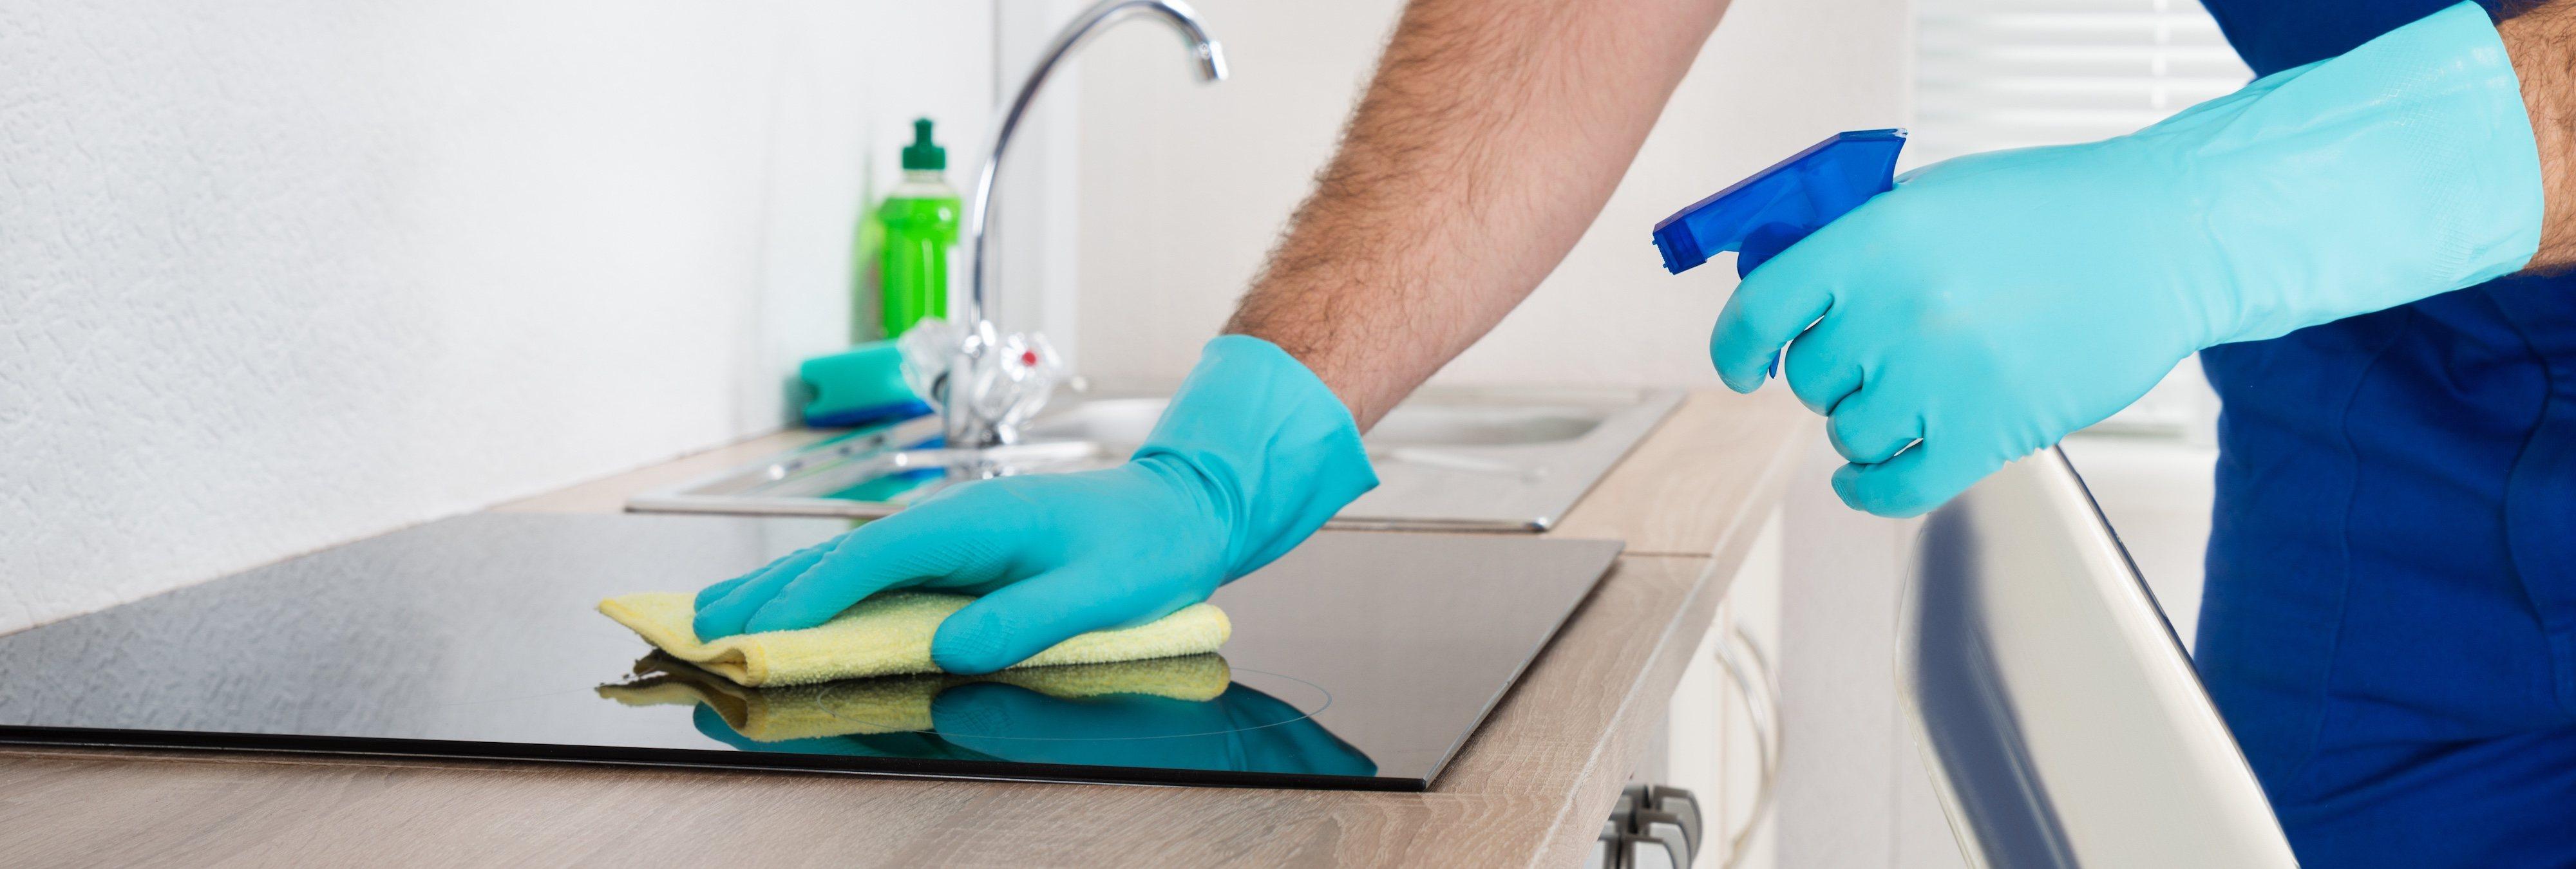 El uso de productos de limpieza puede afectar a la fertilidad masculina